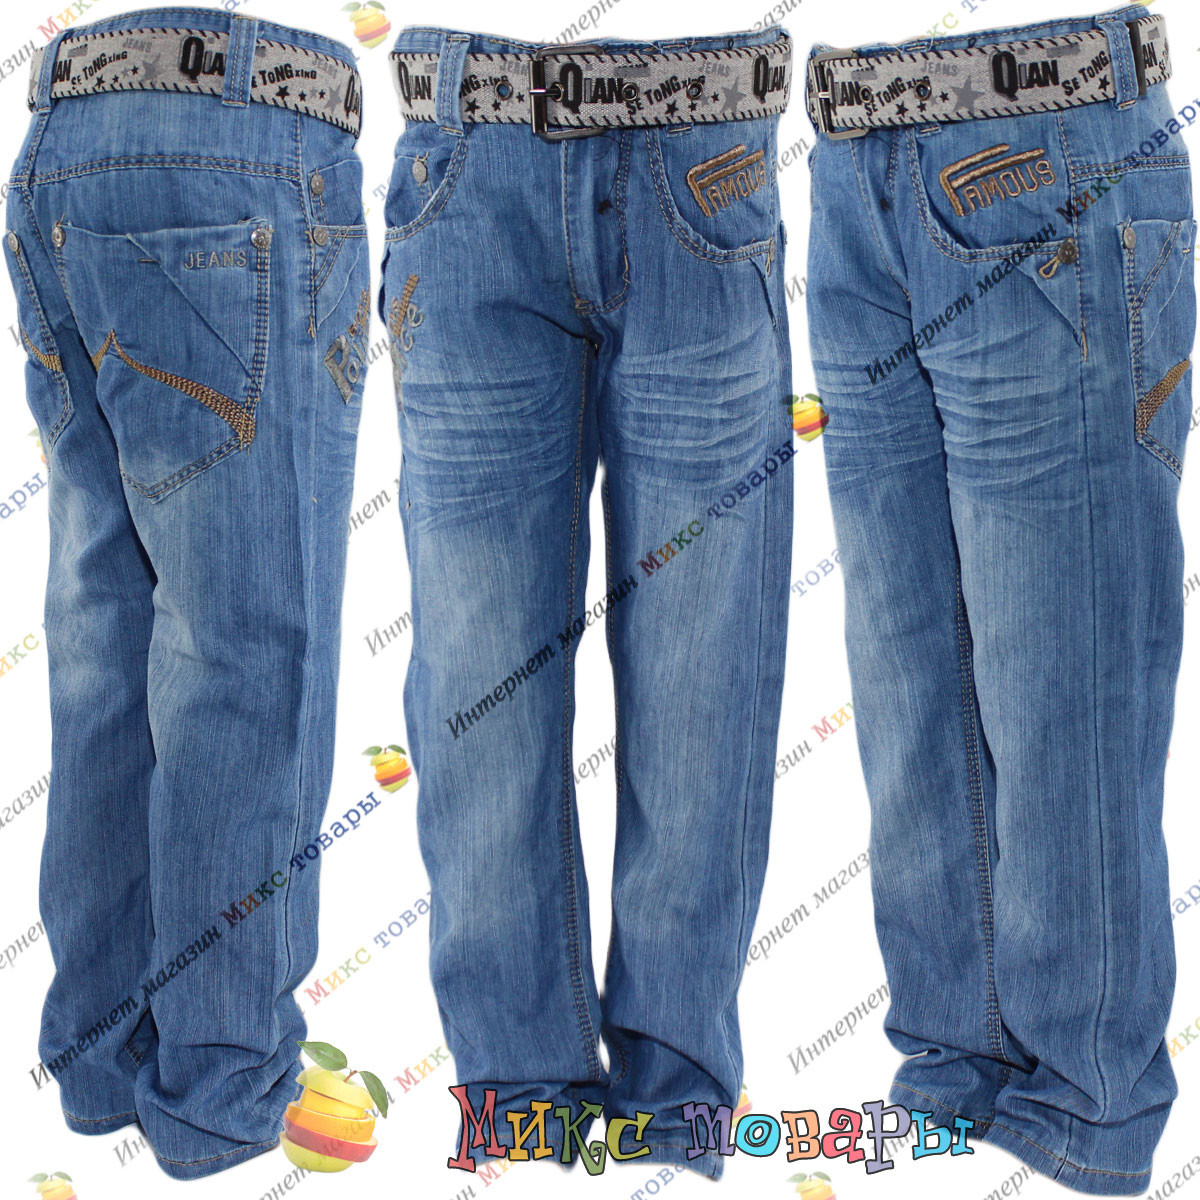 Летние облегченные джинсы для мальчика от 7 до 12 лет (4178)